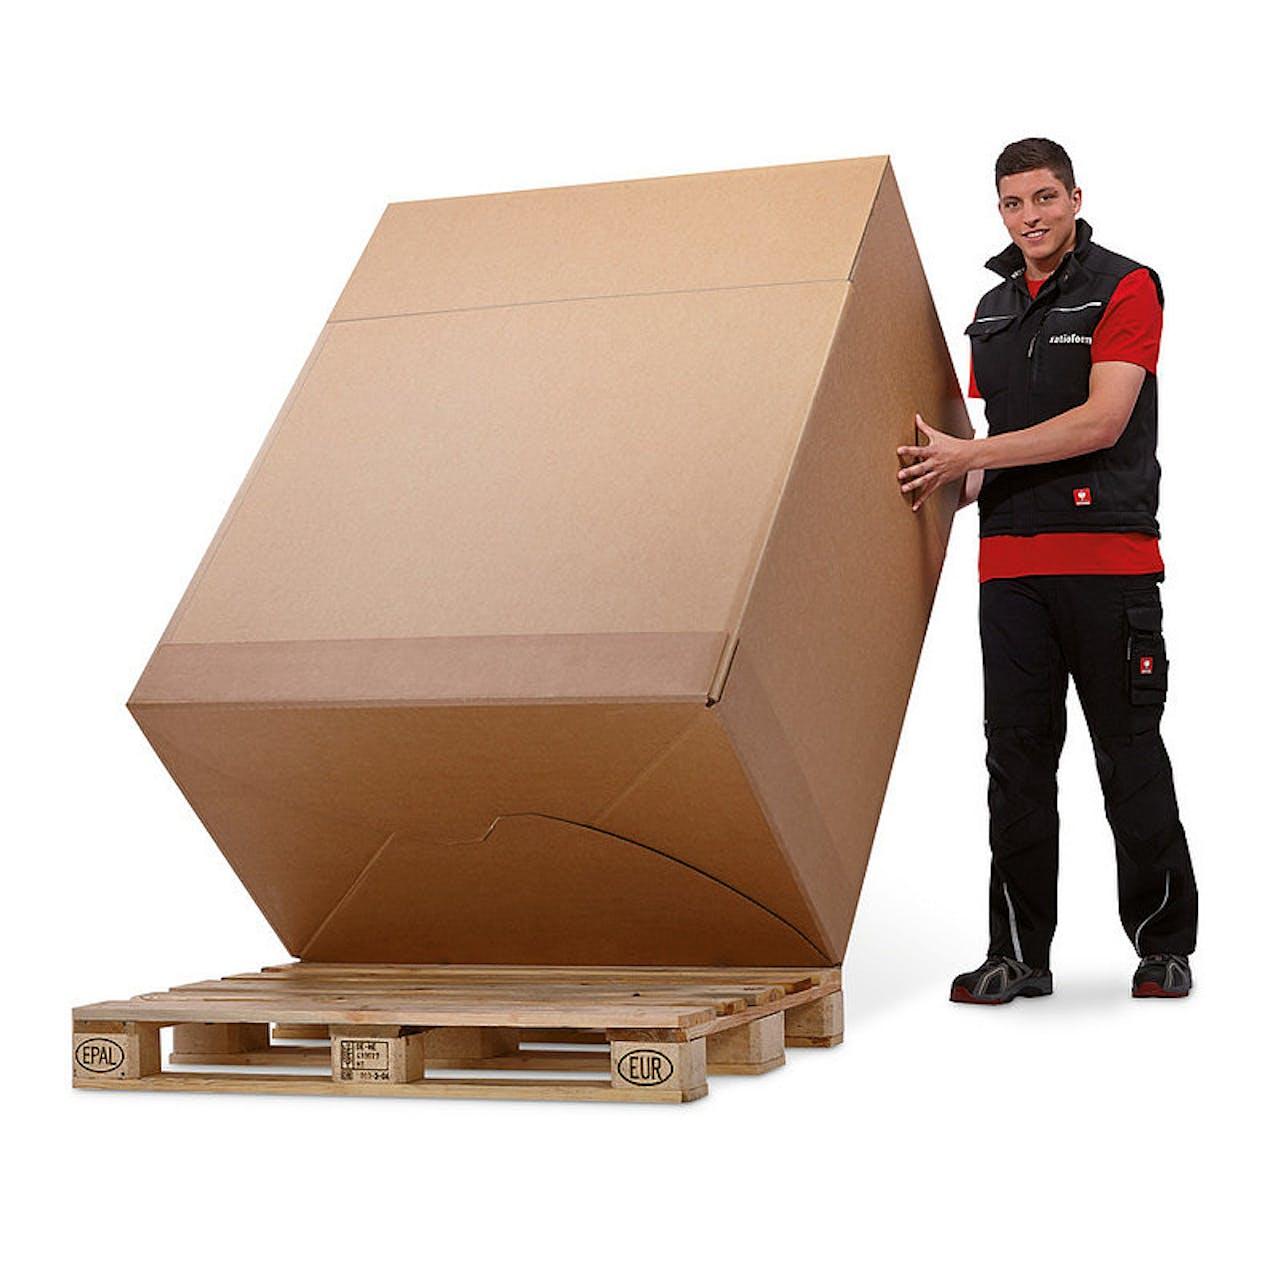 Palettencontainer, 1185 x 780 x 540 mm, Palettenmaß 1 Euro, 2-wellig